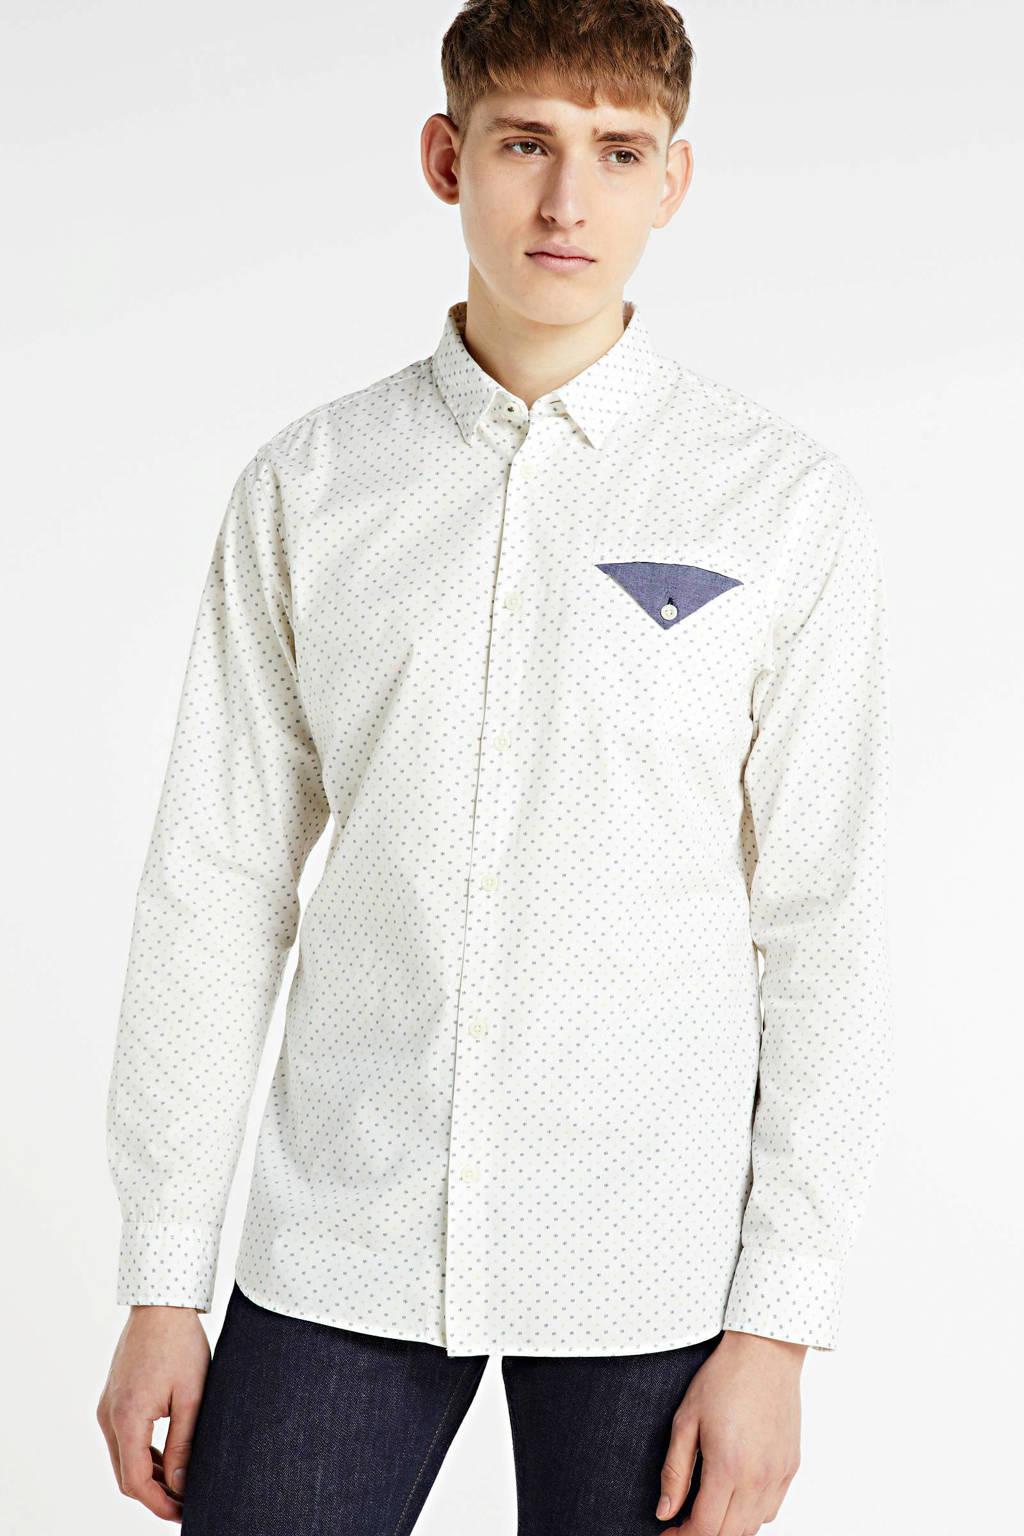 JACK & JONES ORIGINALS slim fit overhemd met biologisch katoen ecru, Ecru